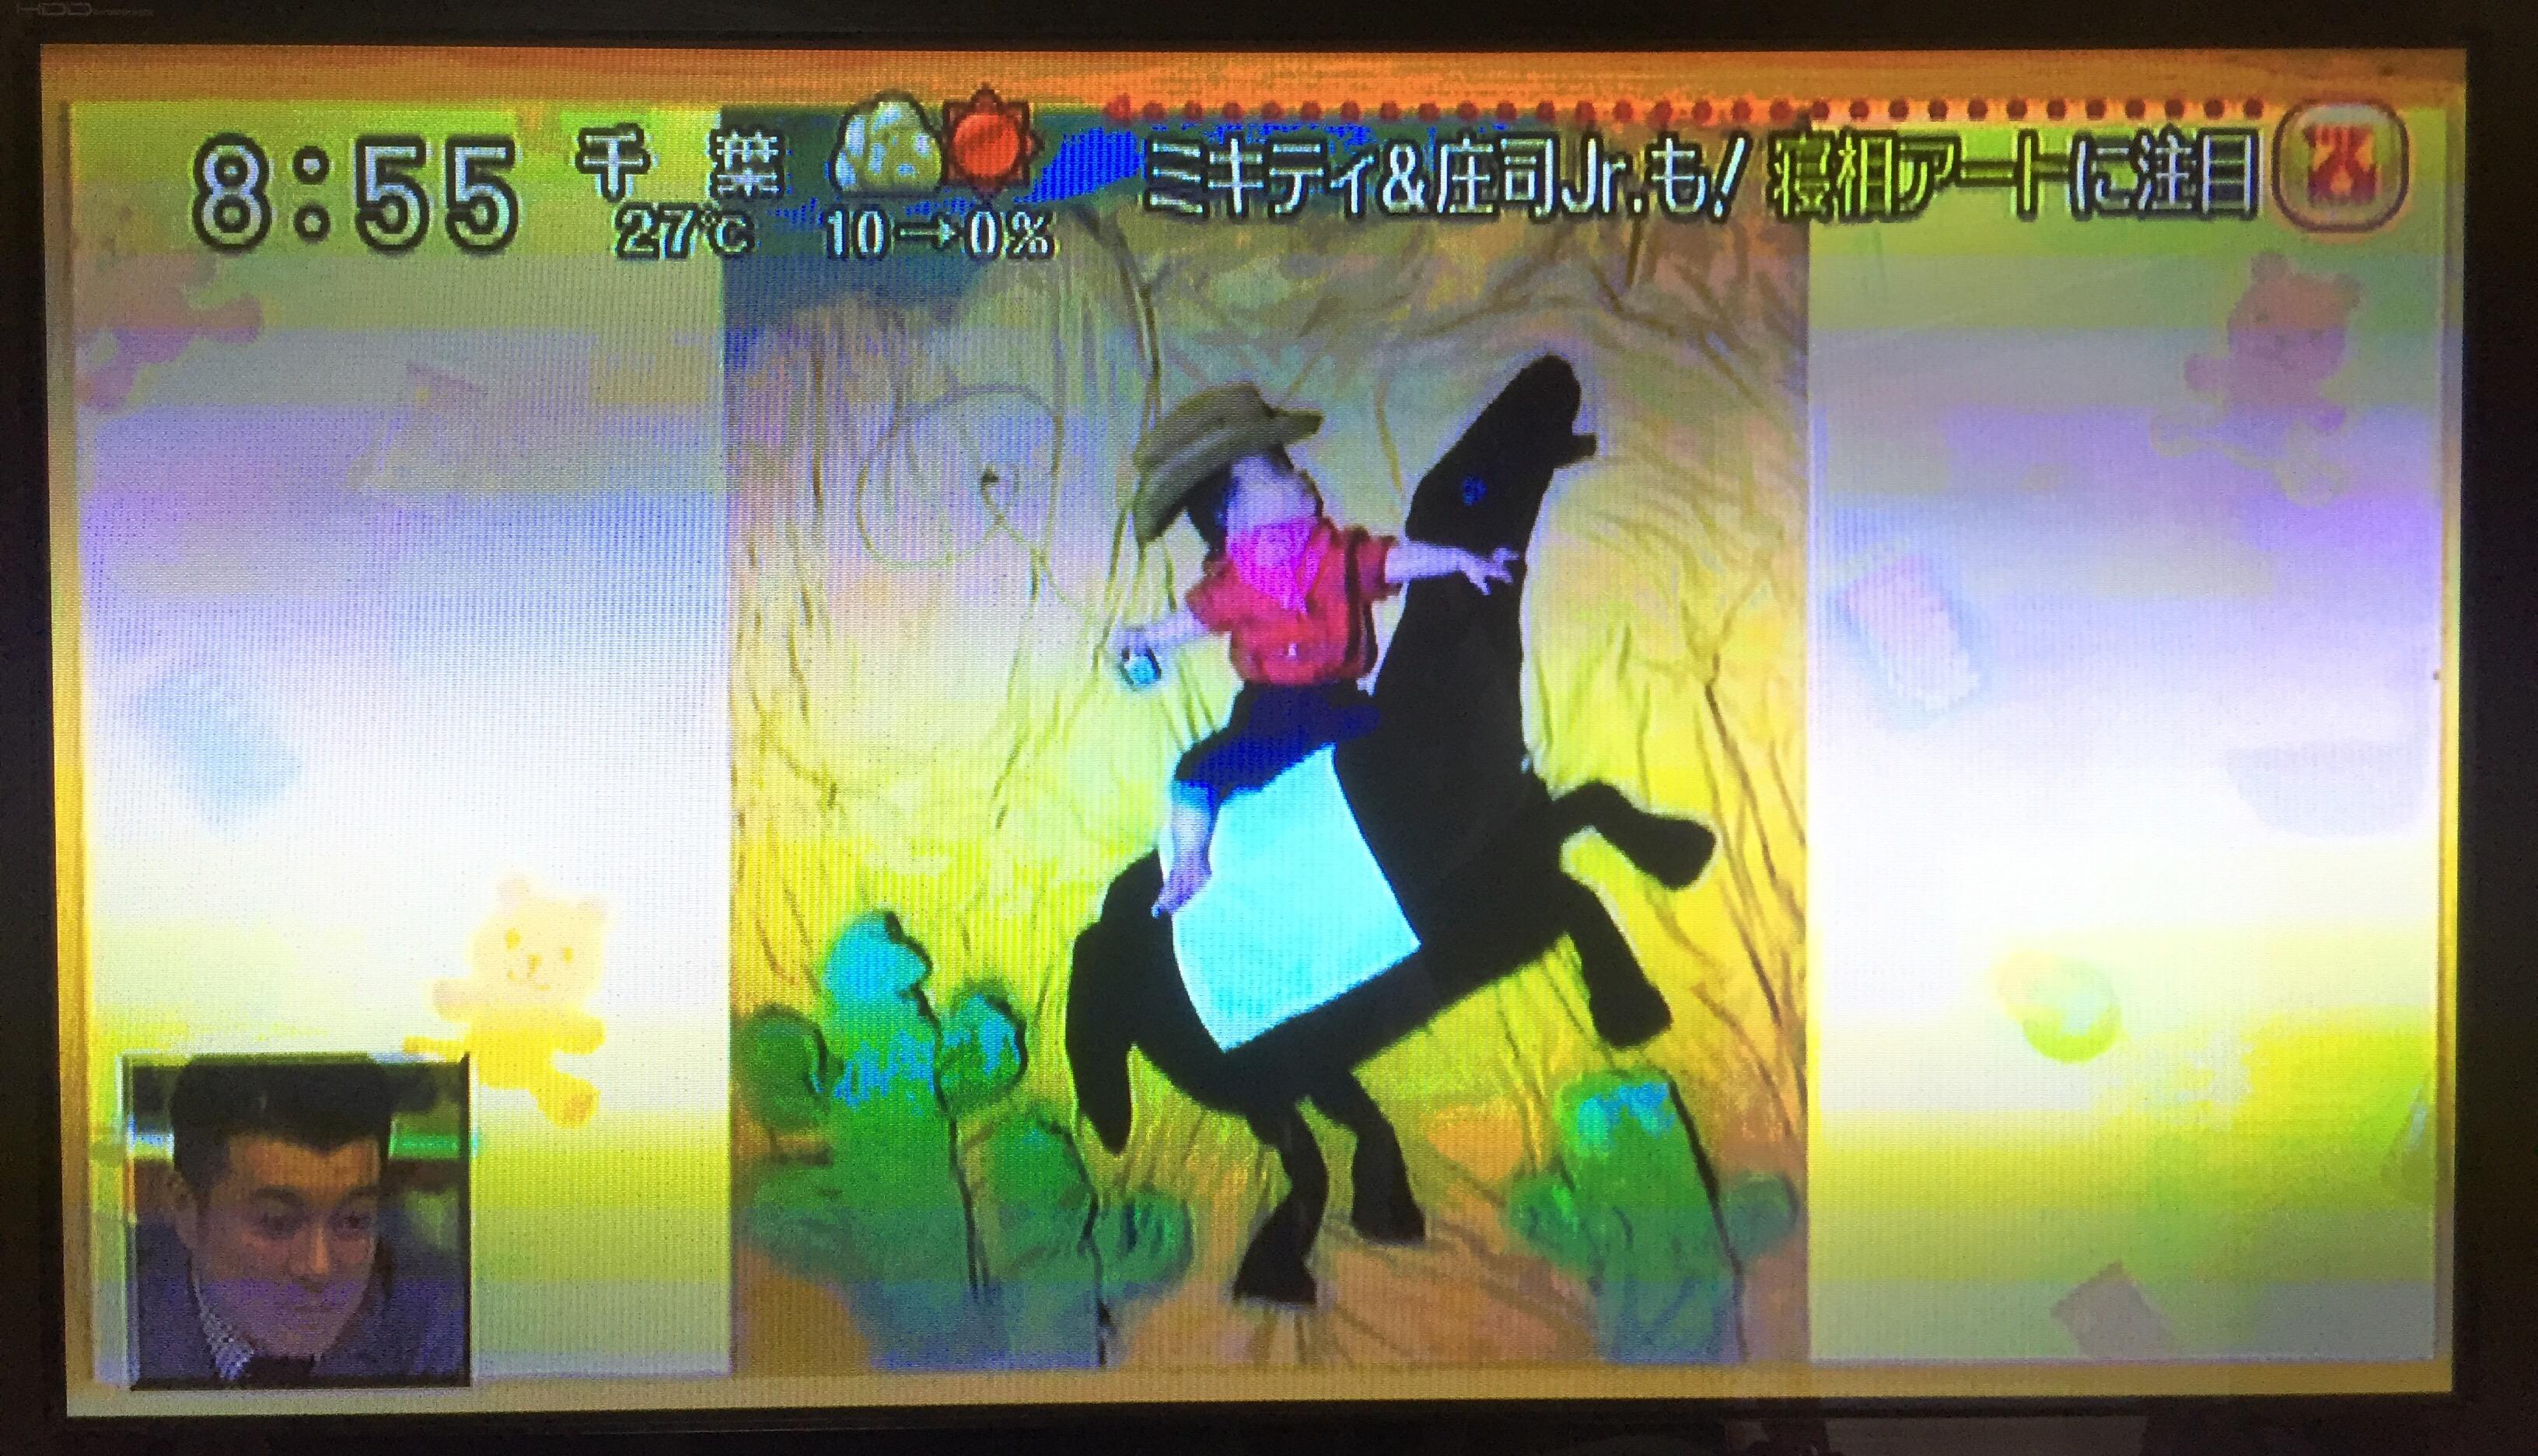 寝相アート-カウガール-日本テレビ-スッキリ